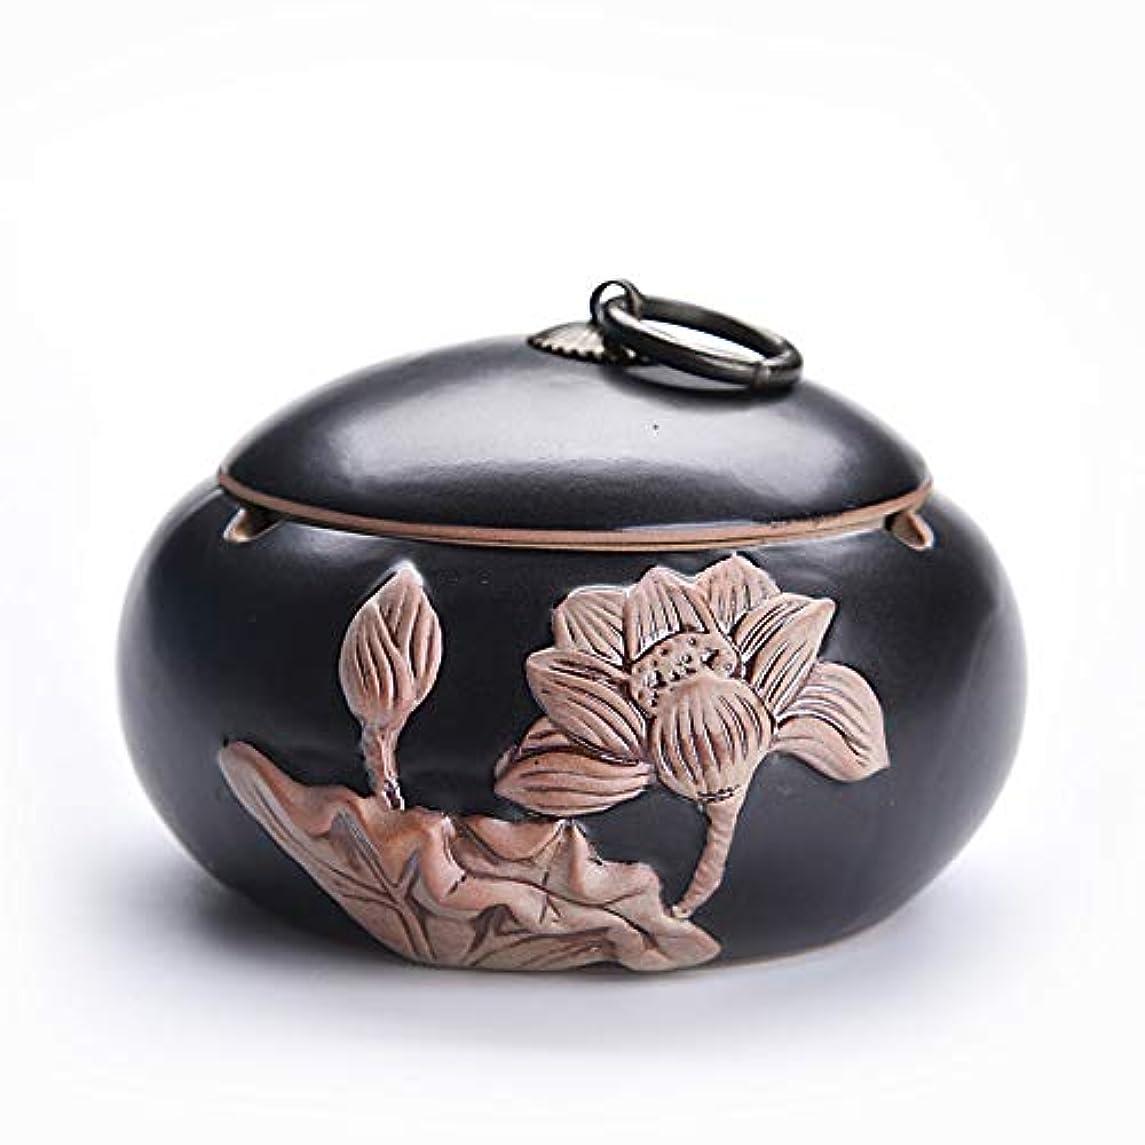 劇作家顔料アラブ中国のレトロな創造的な鍋形セラミック灰皿ふた付き